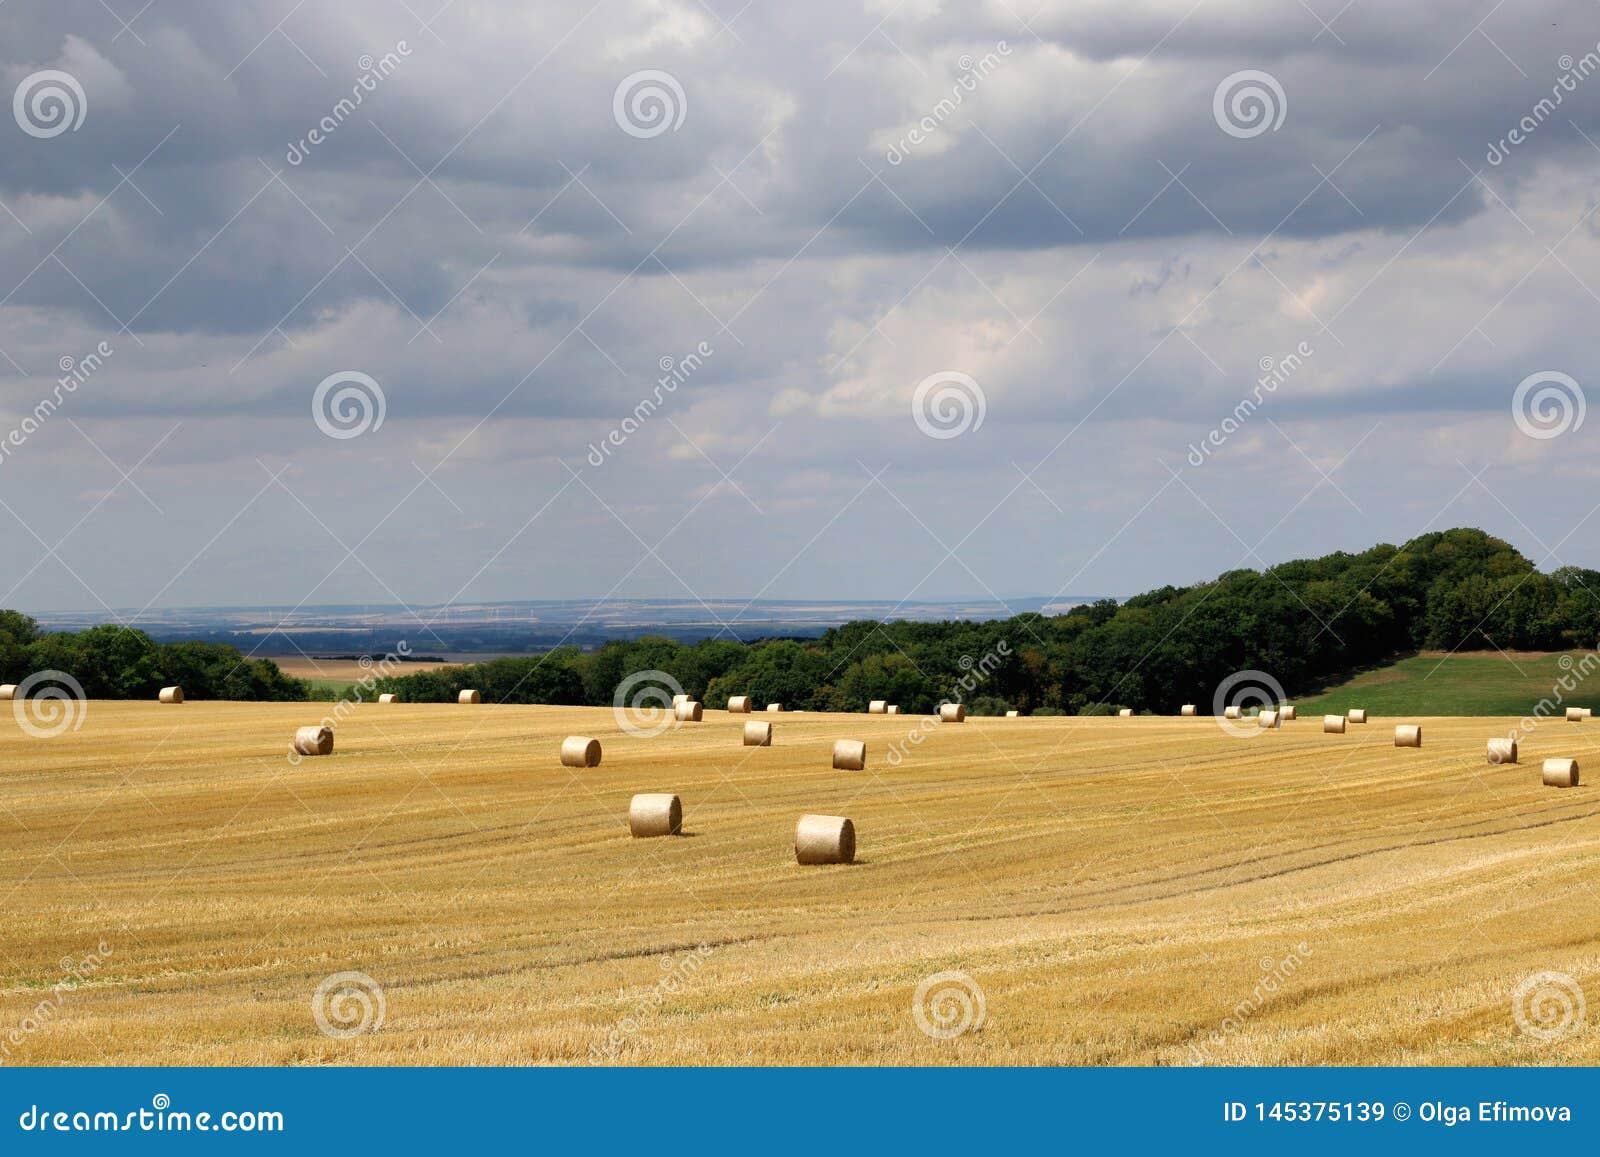 Ландшафт лета сельский со сбором поля, hayrolls, голубого неба, деревьев на горизонте Солнечное утро